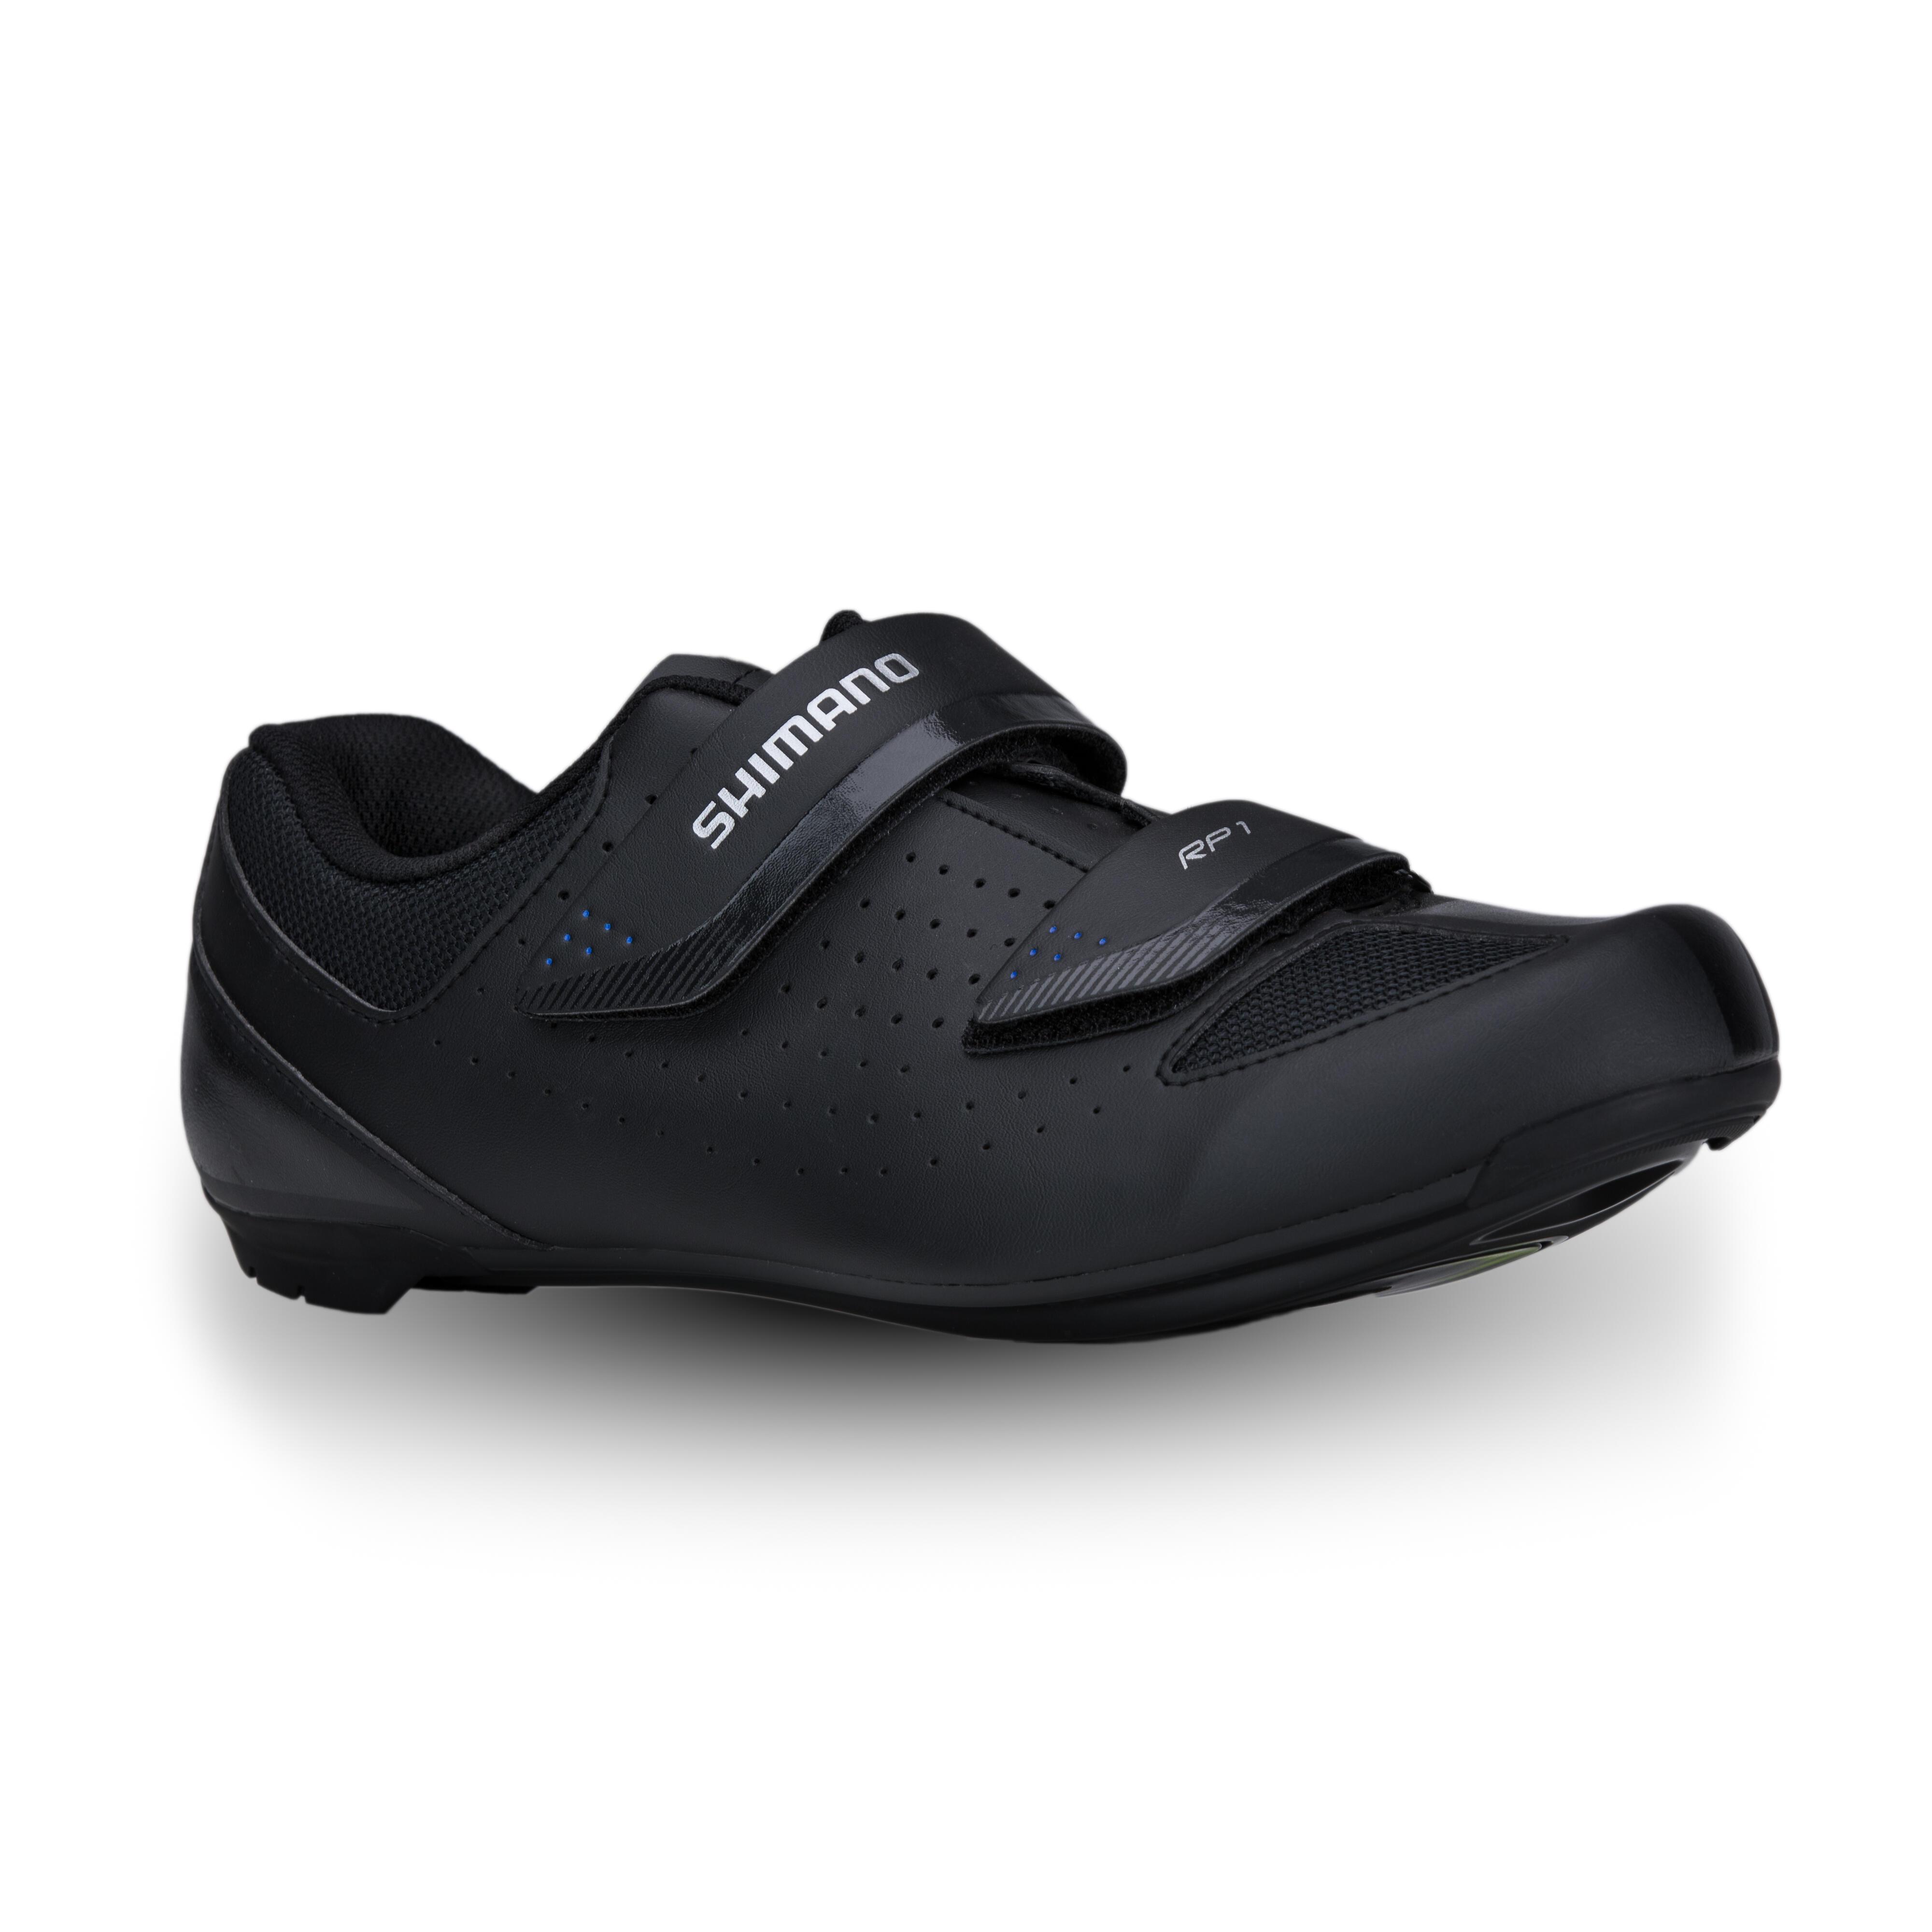 Fahrradschuhe Rennrad Shimano RP1 schwarz   Schuhe > Sportschuhe > Fahrradschuhe   Shimano